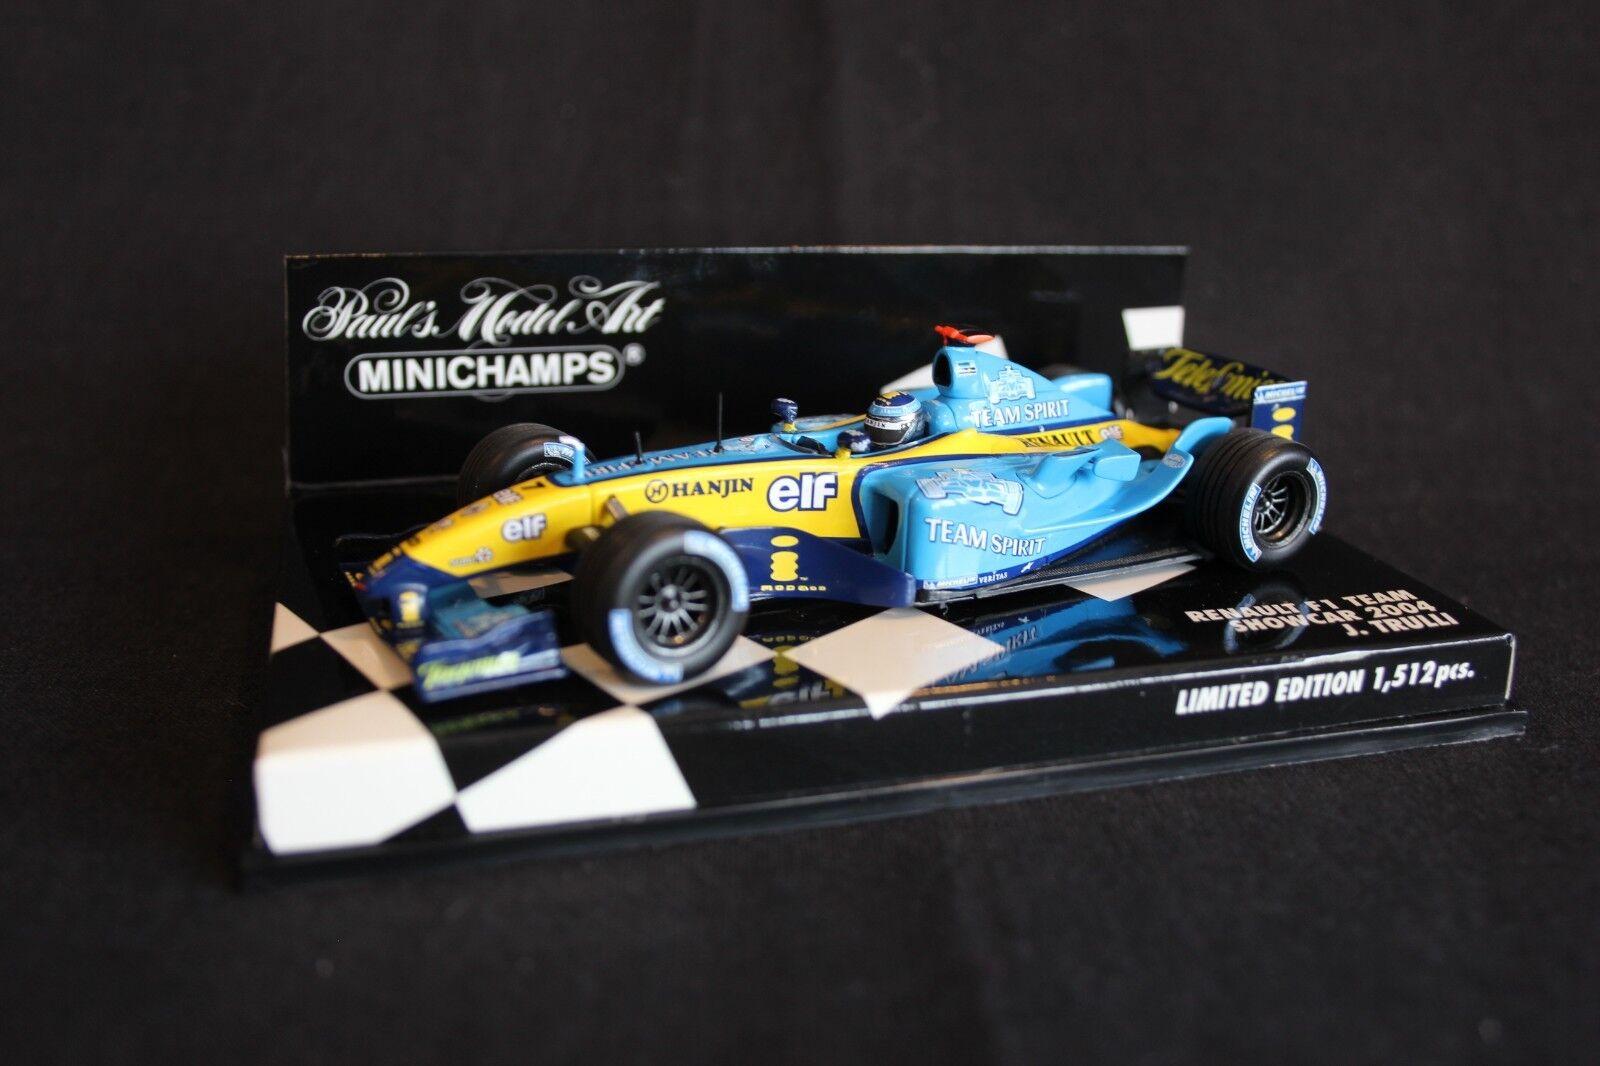 encuentra tu favorito aquí Minichamps Renault F1 F1 F1 Team ShowCoche 2004 1 43  7 Jarno Trulli (ITA)  Hay más marcas de productos de alta calidad.